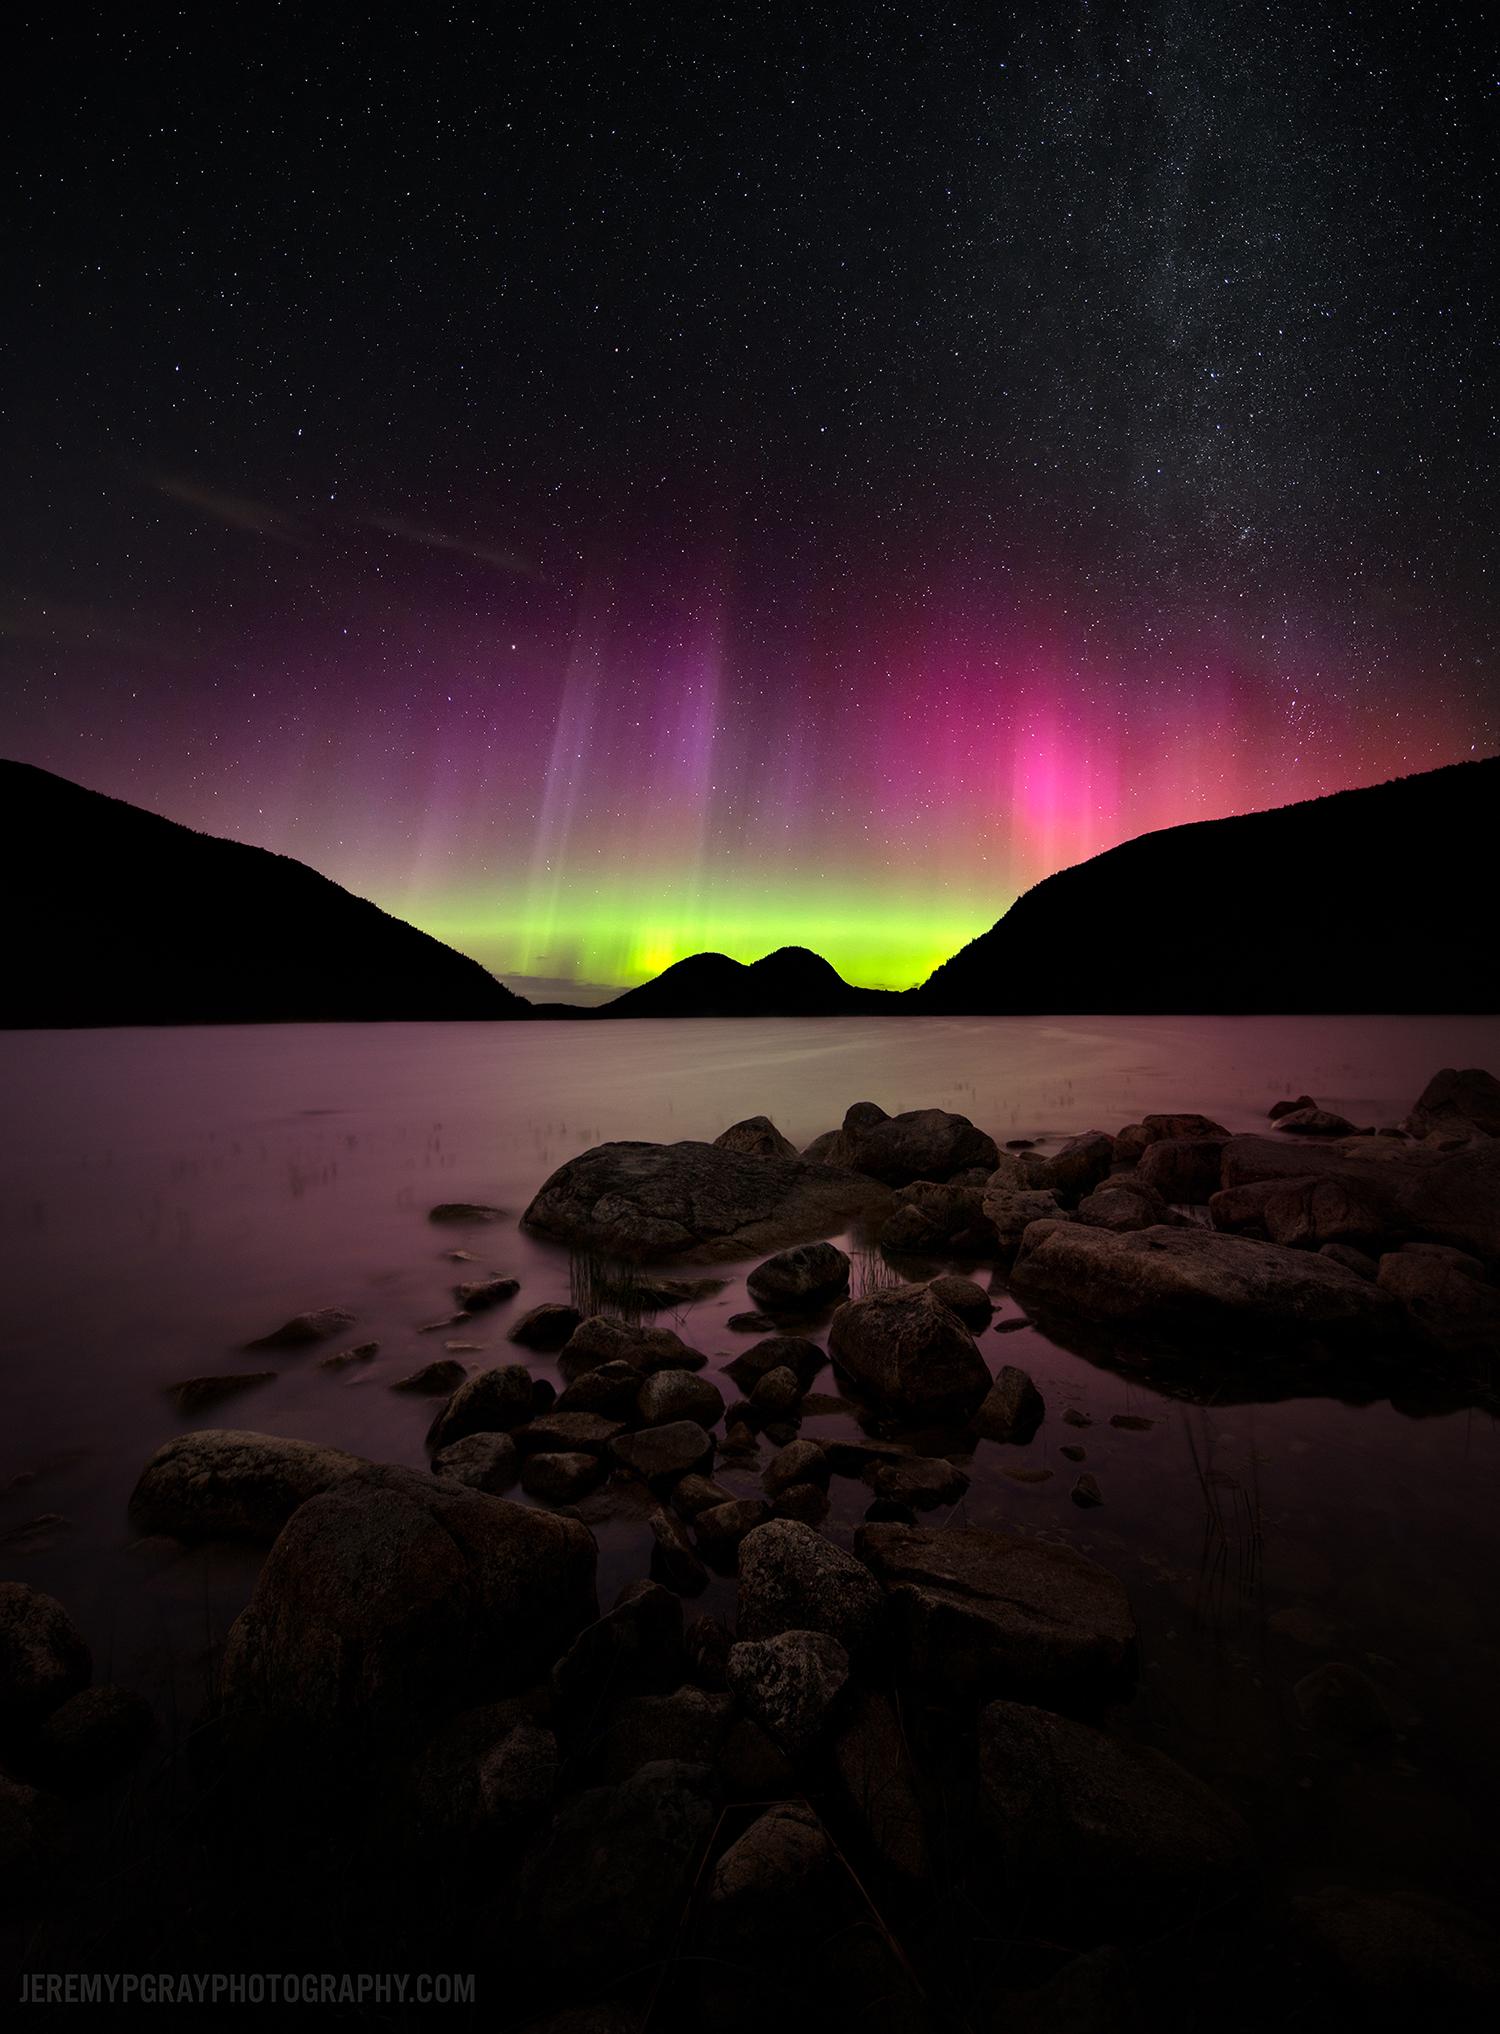 Aurores polaires sur le Maine